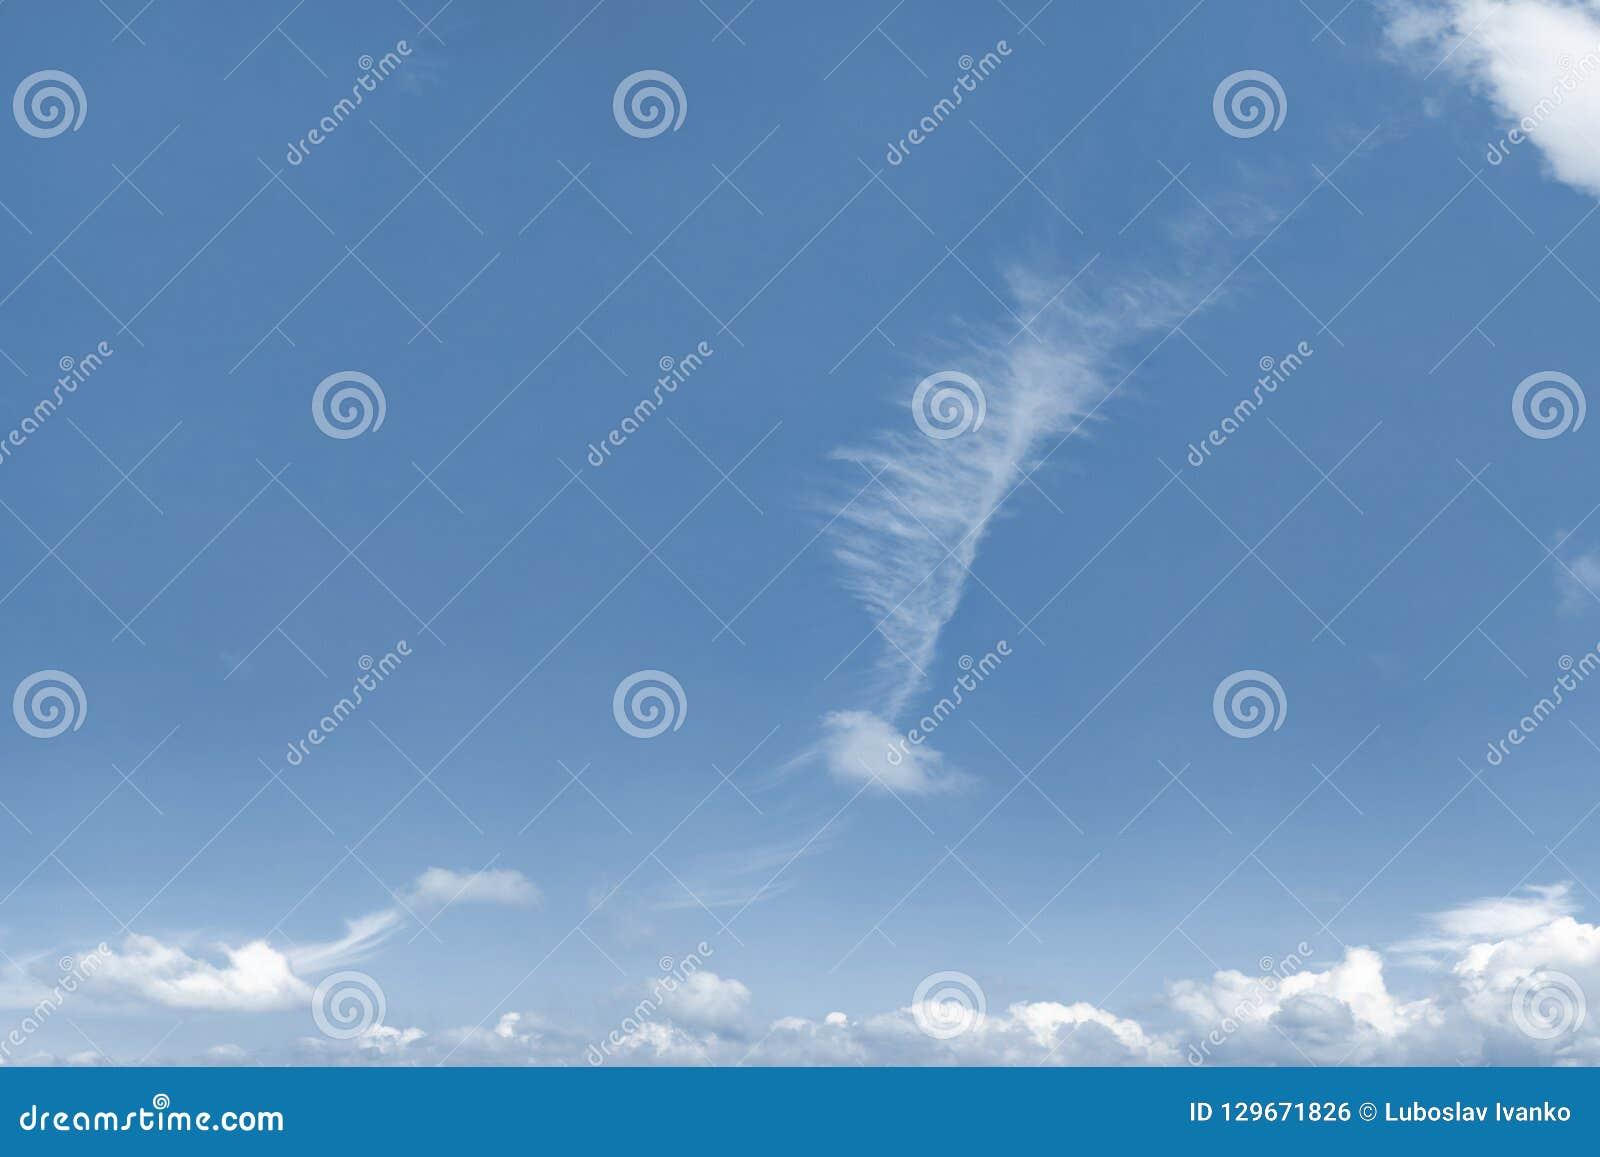 Fotografia niebieskie niebo z dziwnie kształtną chmurą